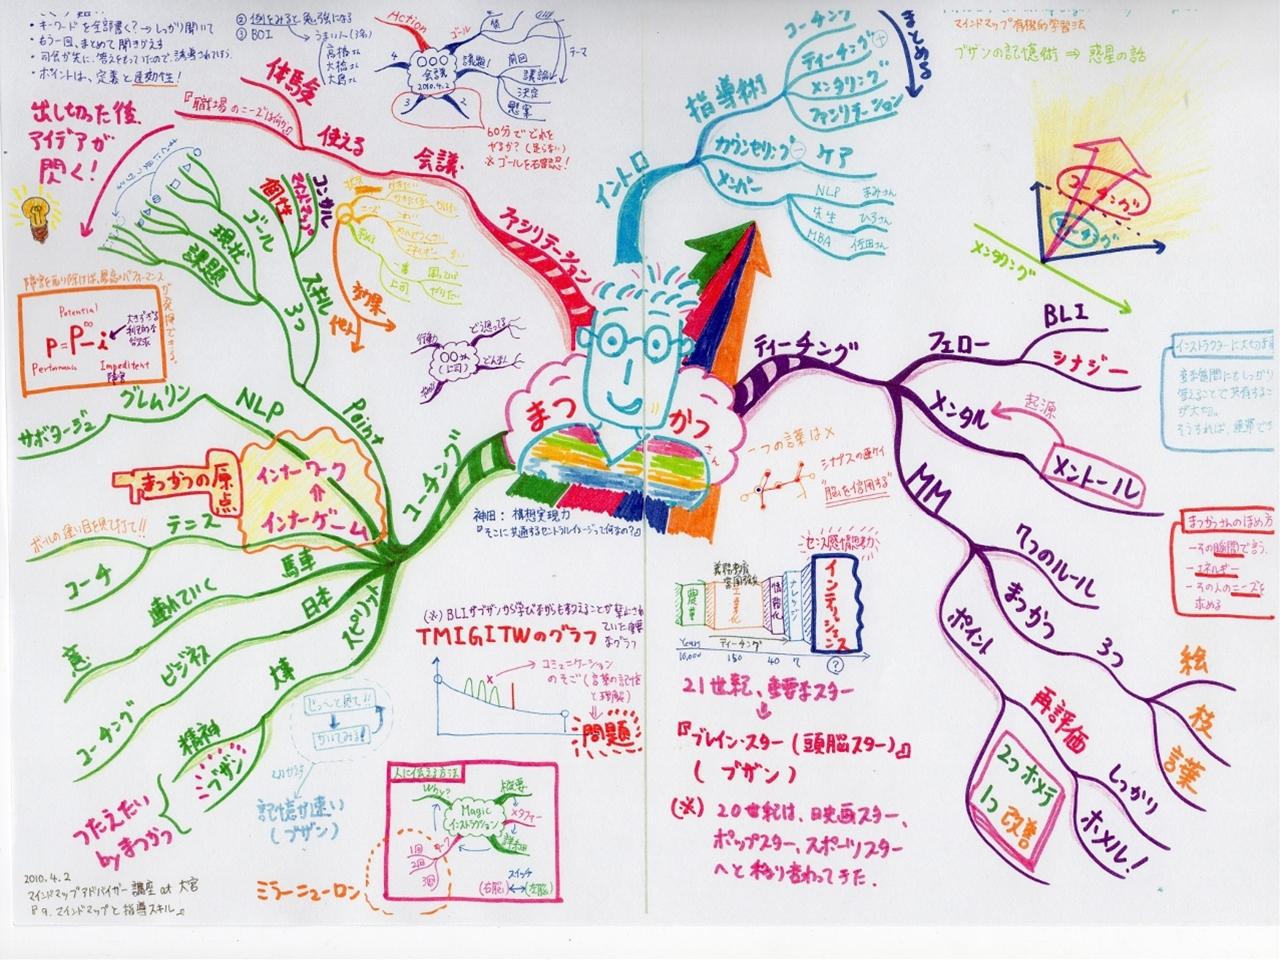 マインドマップアドバイザー講座 at 大宮 『9.マインドマップと指導スキル』